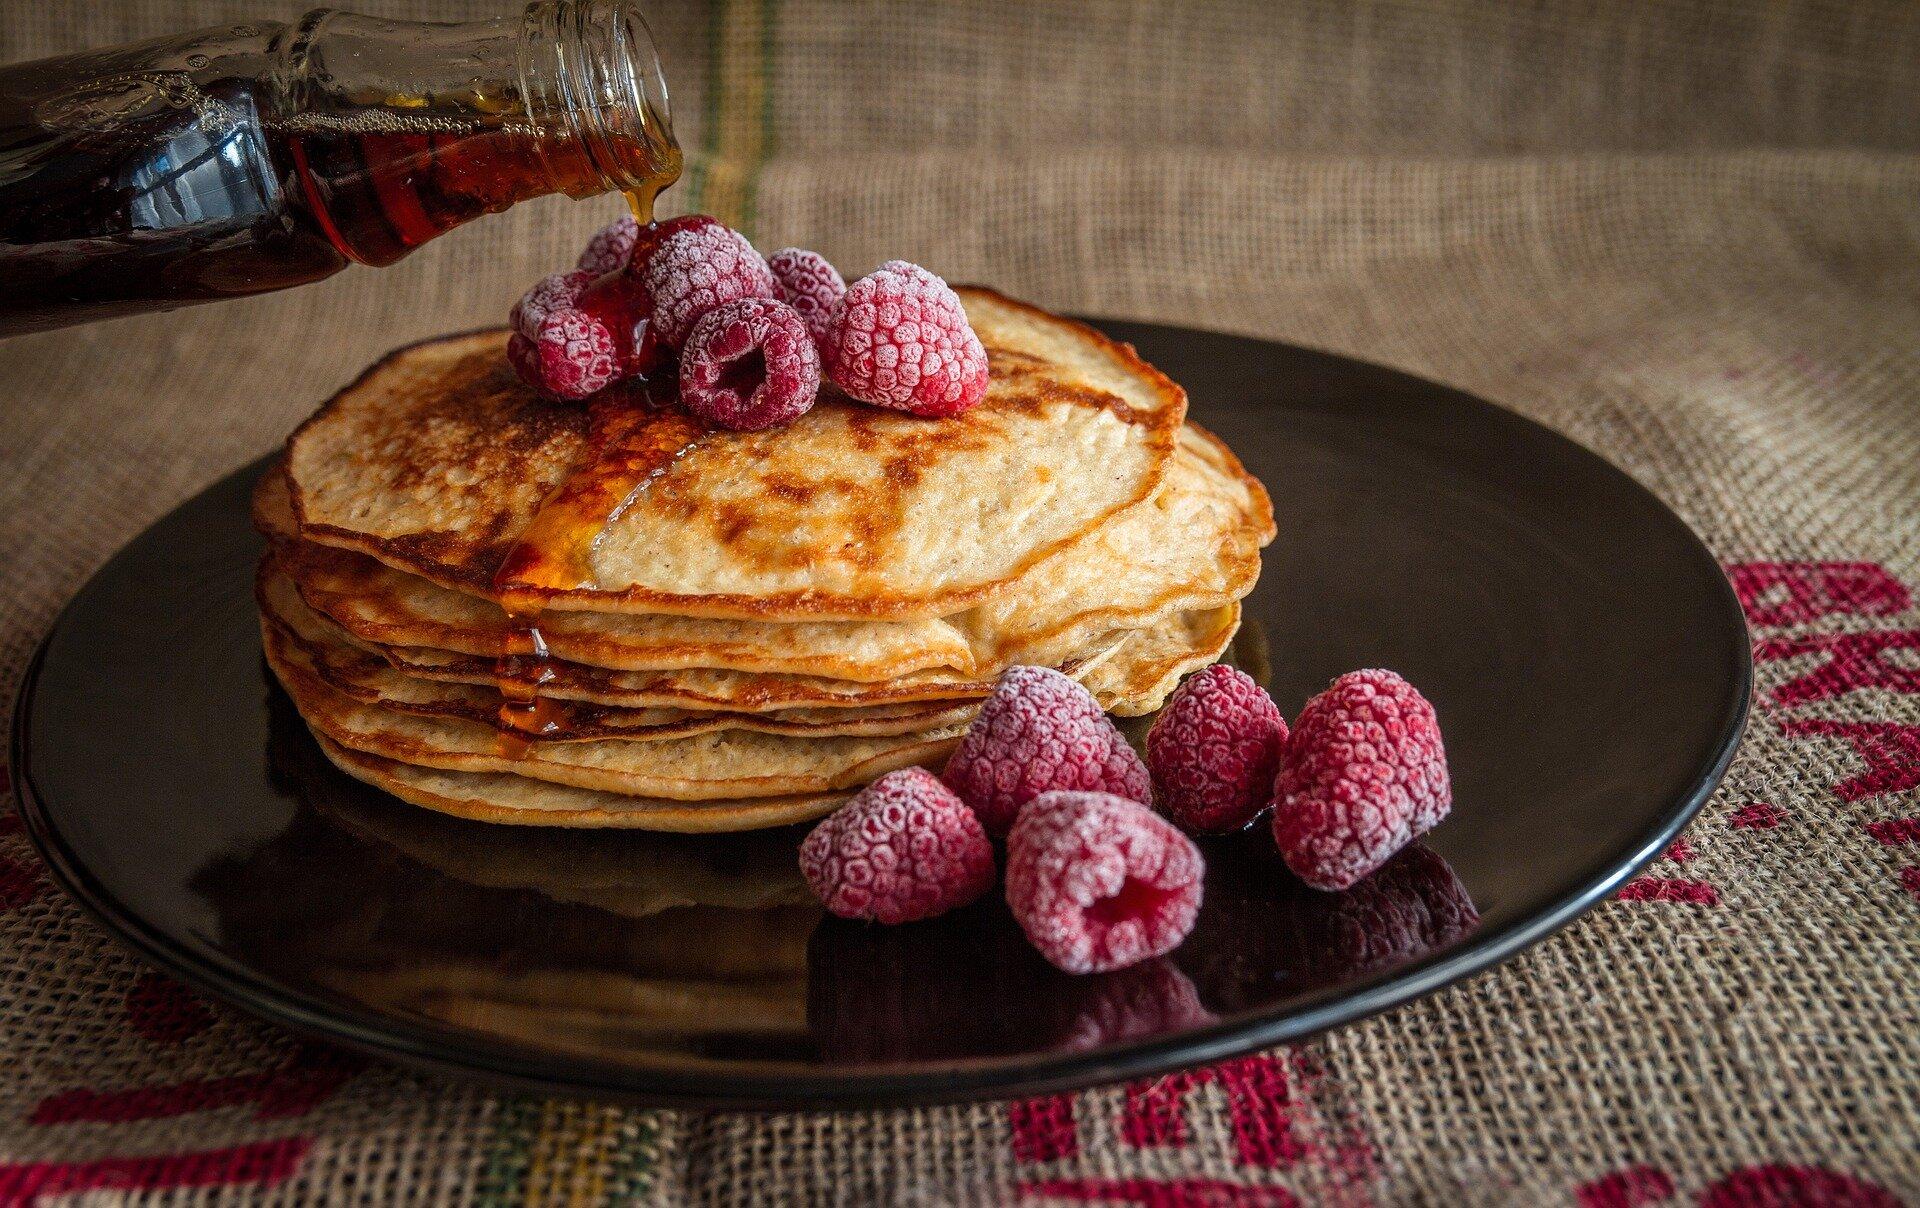 Menschen, die Essen ein großes Frühstück kann zu brennen doppelt so viele Kalorien